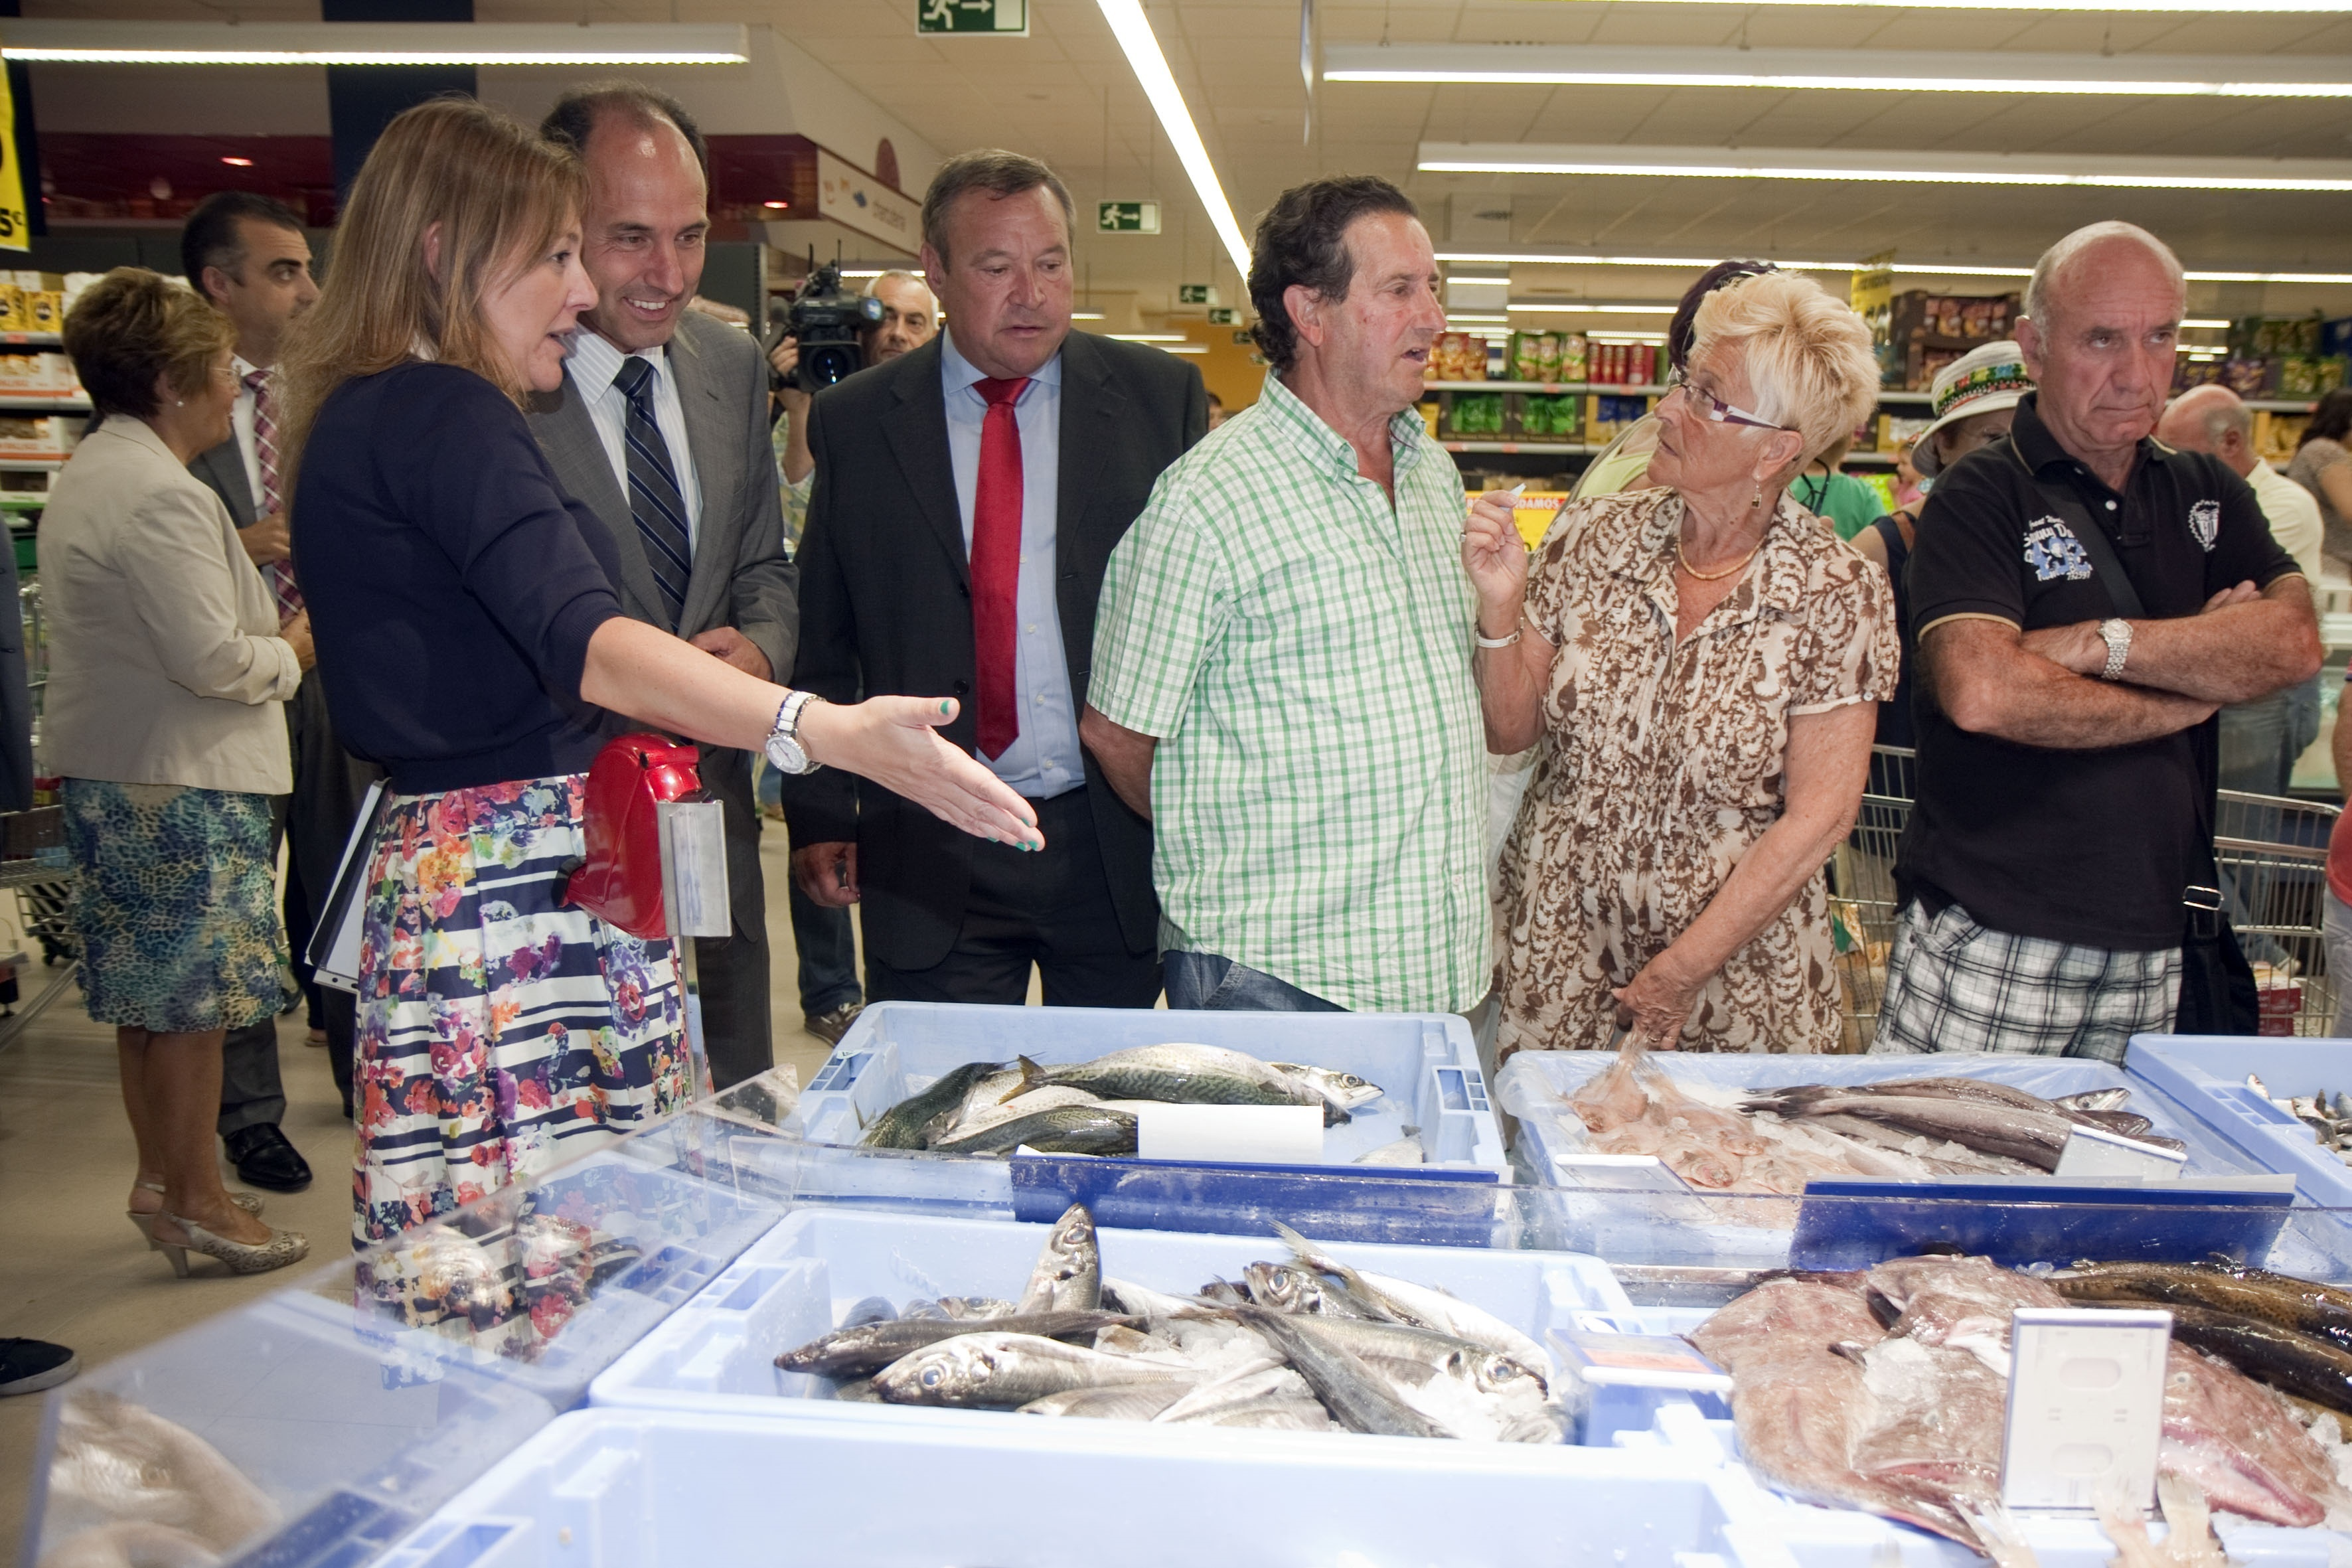 Inaugurado el primer supermercado de Mercadona en la villa, que da trabajo a 43 personas